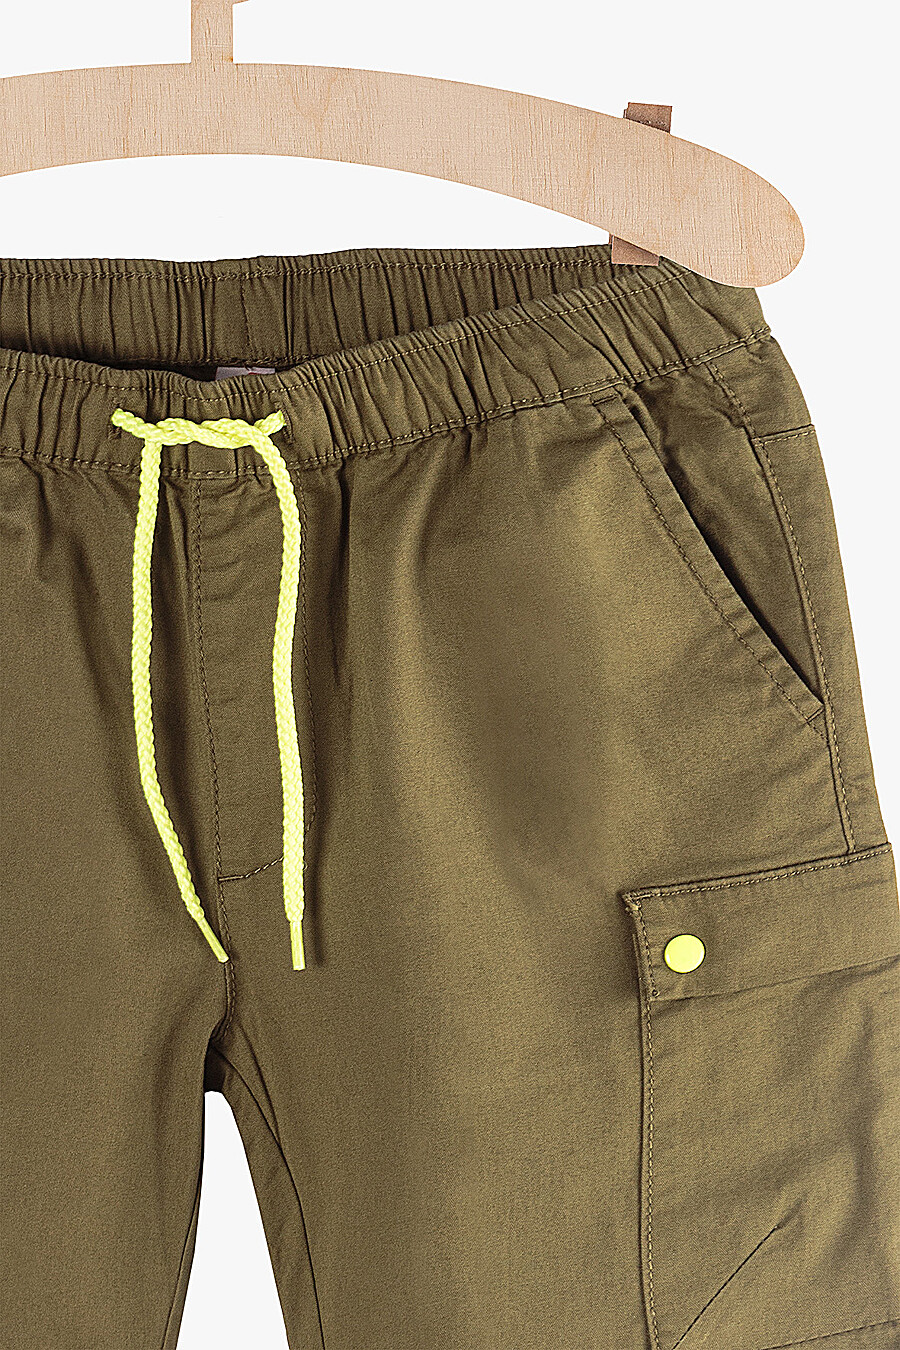 Шорты для мальчиков 5.10.15 218382 купить оптом от производителя. Совместная покупка детской одежды в OptMoyo